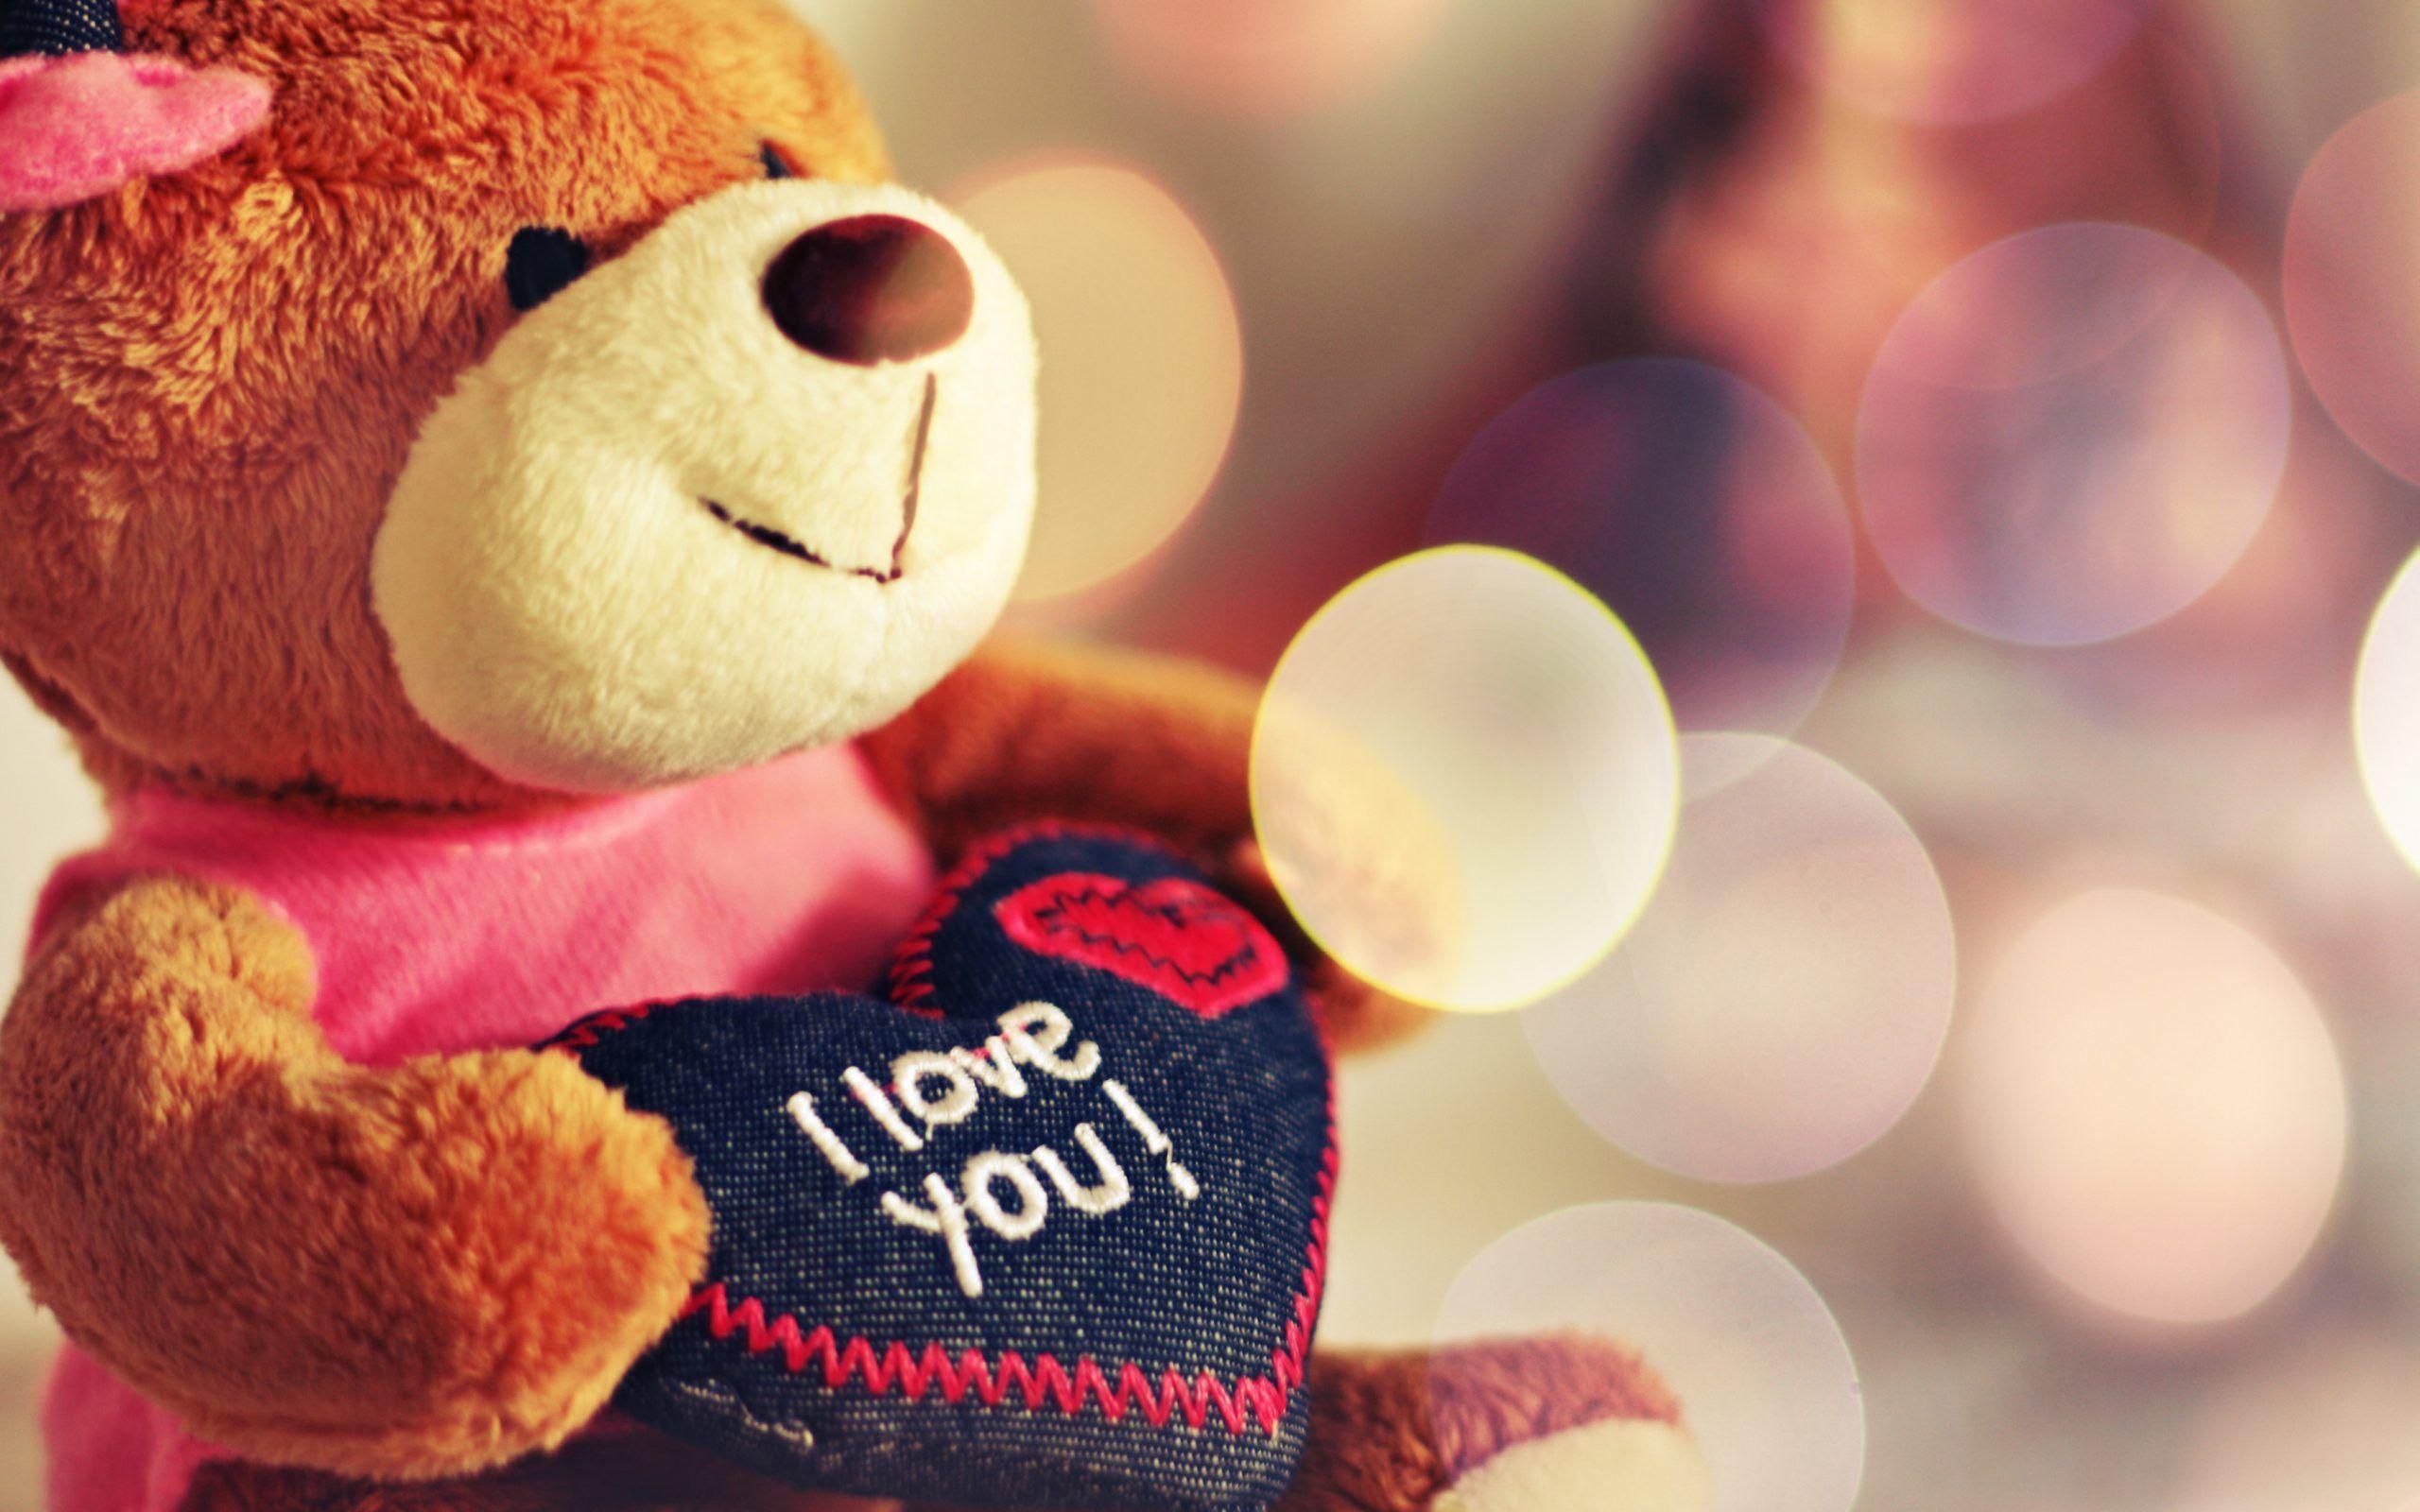 Wallpaper download of love - Cute Teddy Bear Love Wallpaper Wallpaper Download